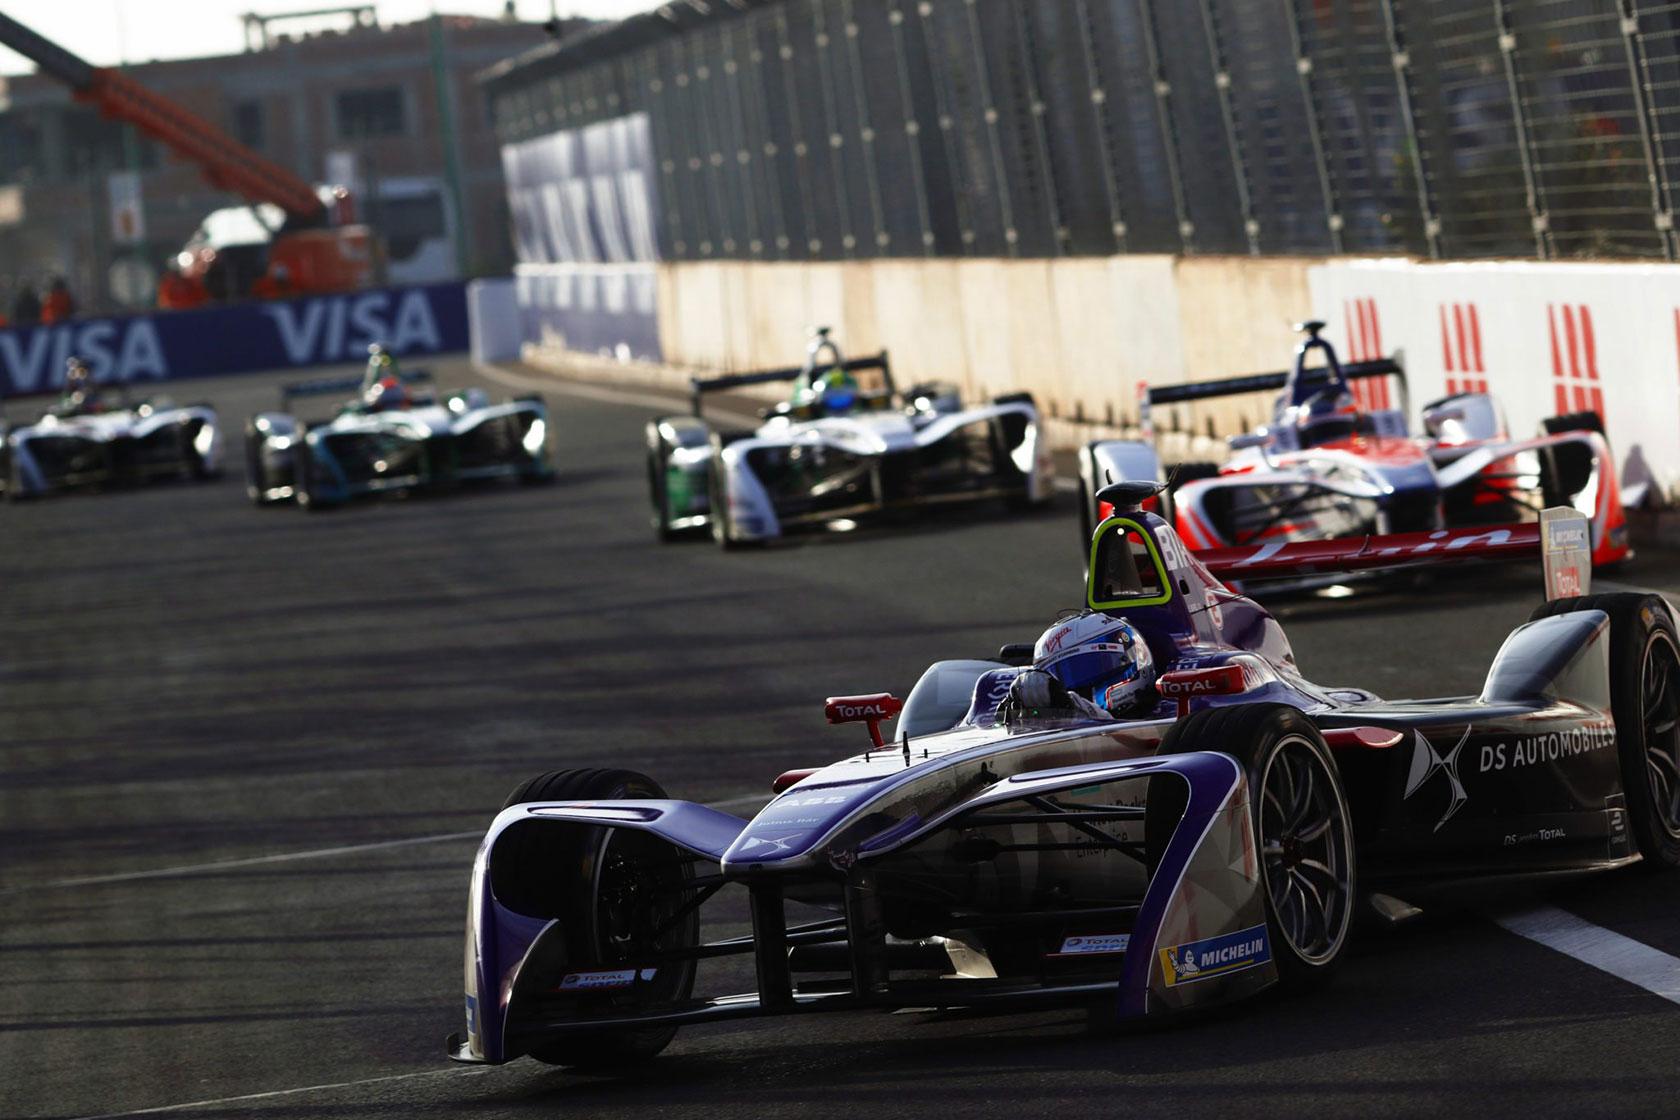 La Formula E va-t-elle détrôner la Formule 1 ?